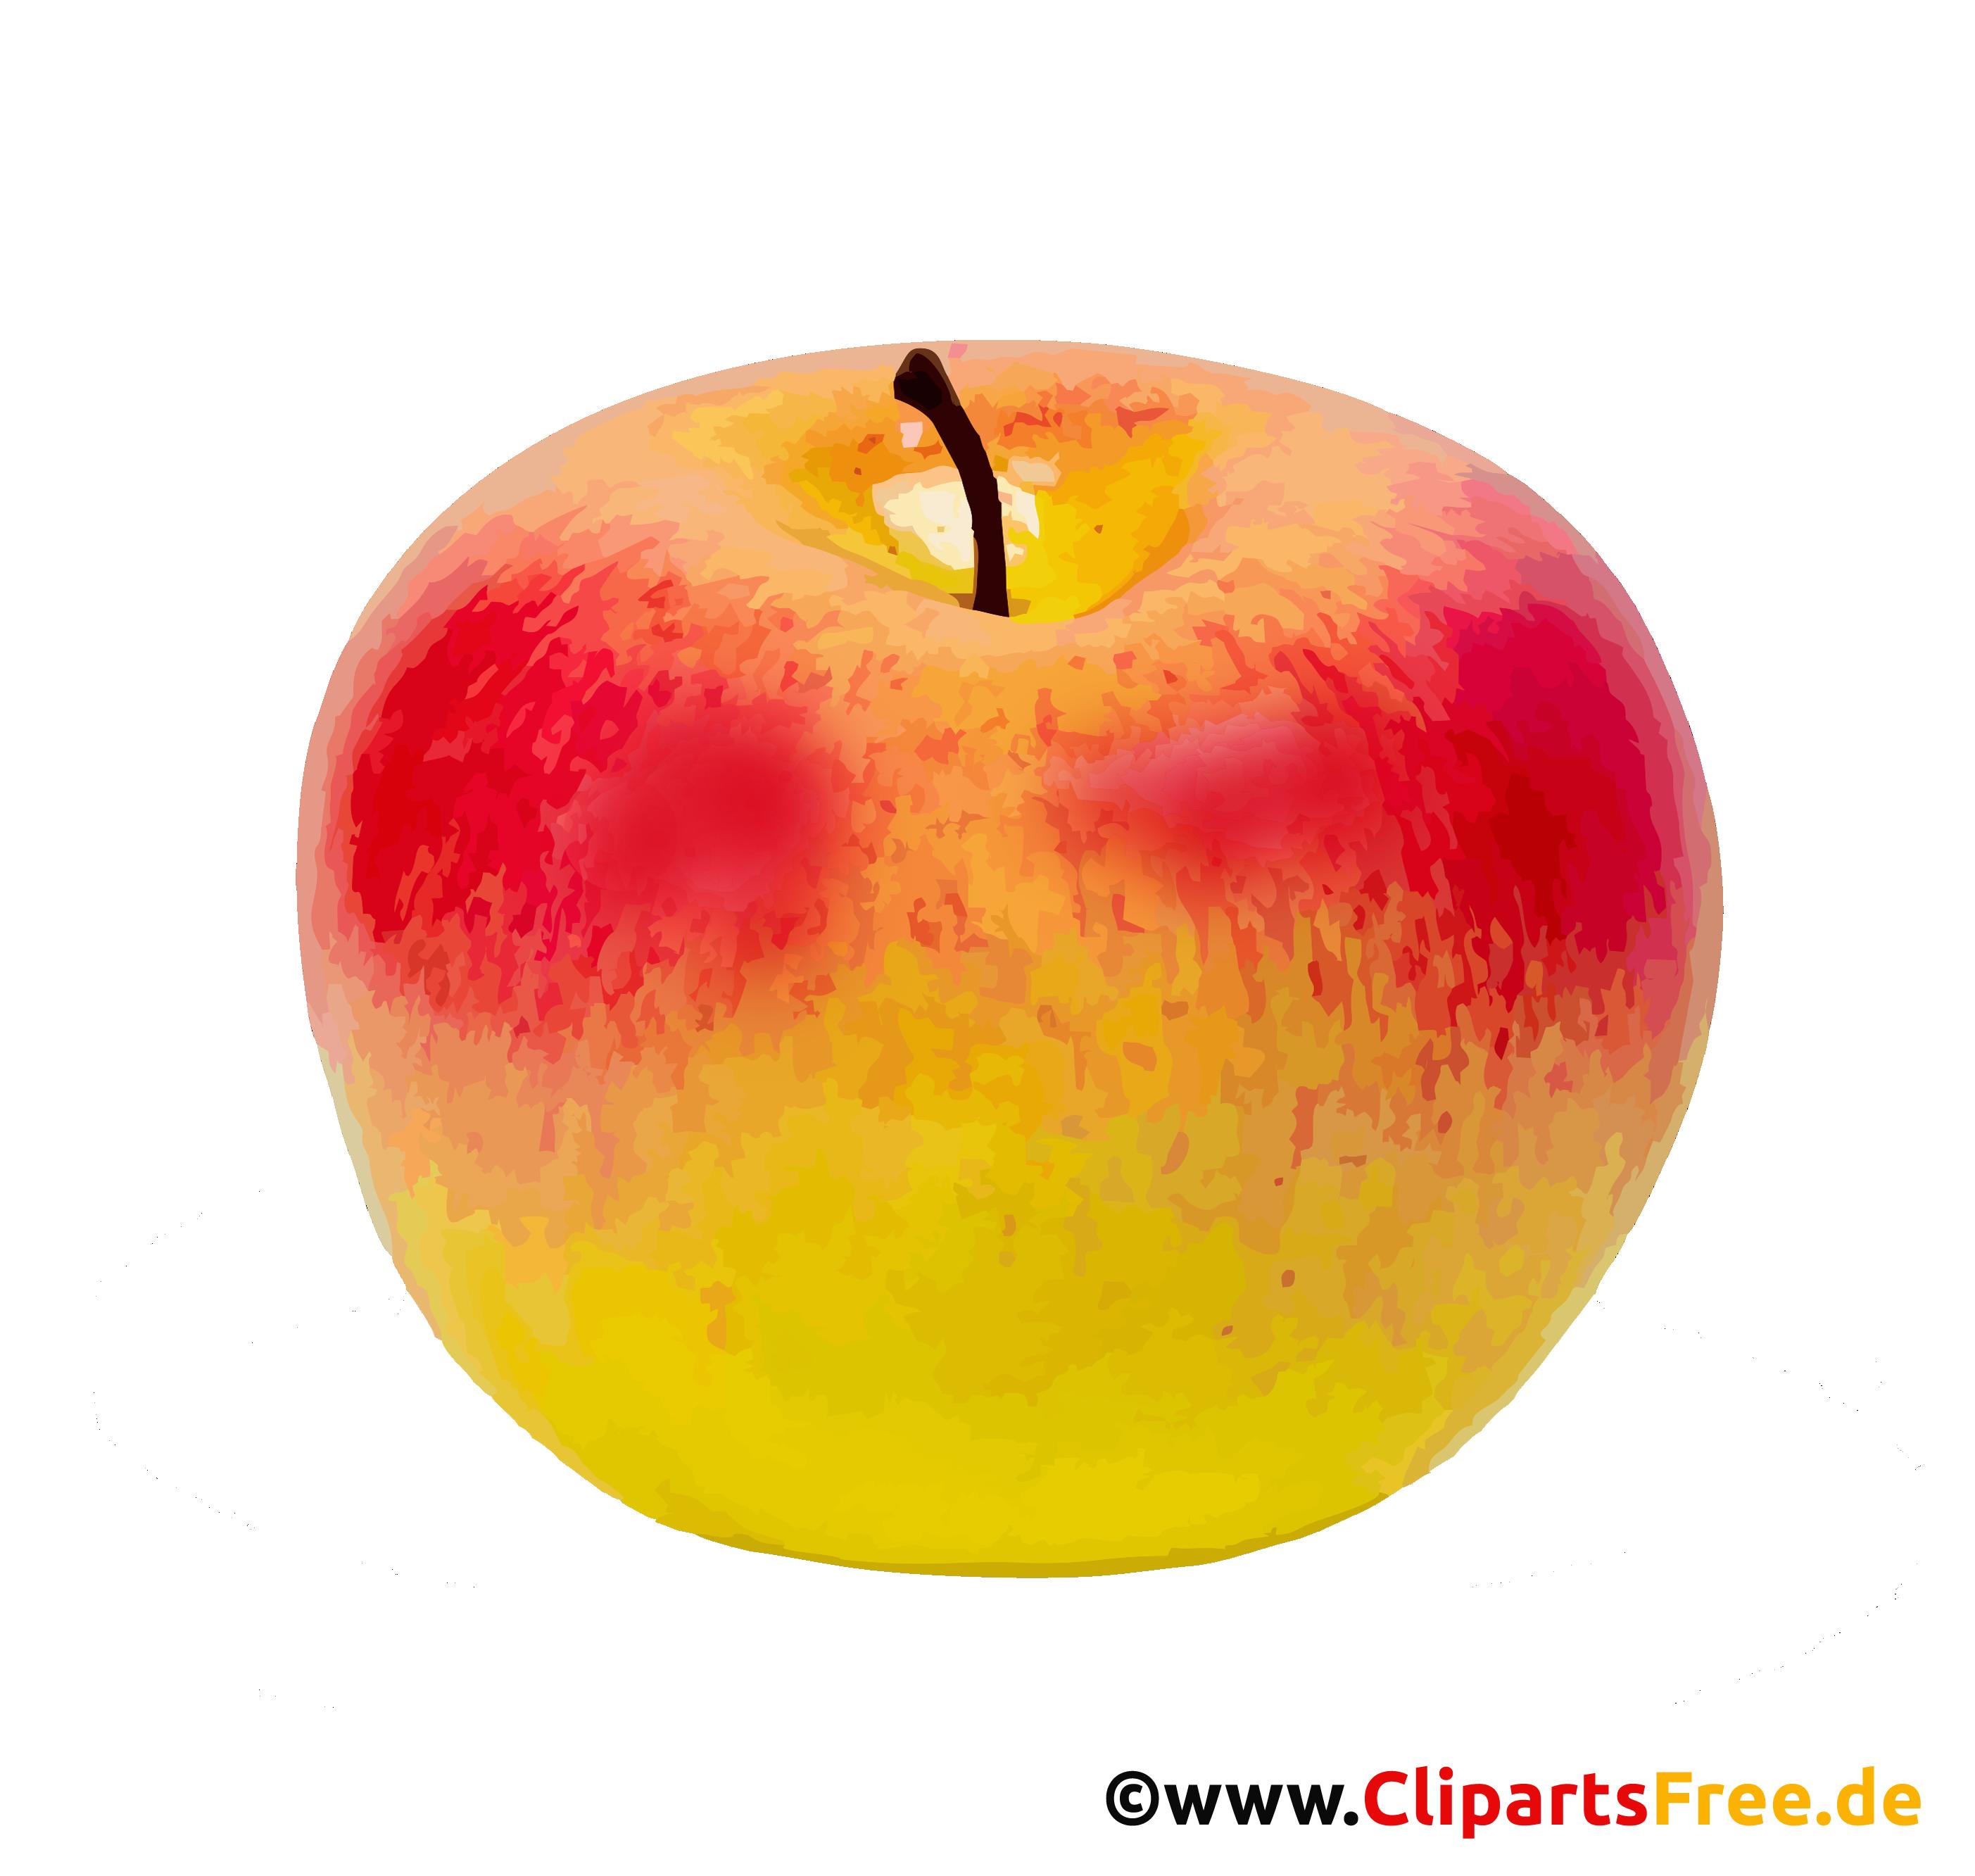 Gelber Apfel PNG-Bild - Herbst Bilder kostenlos